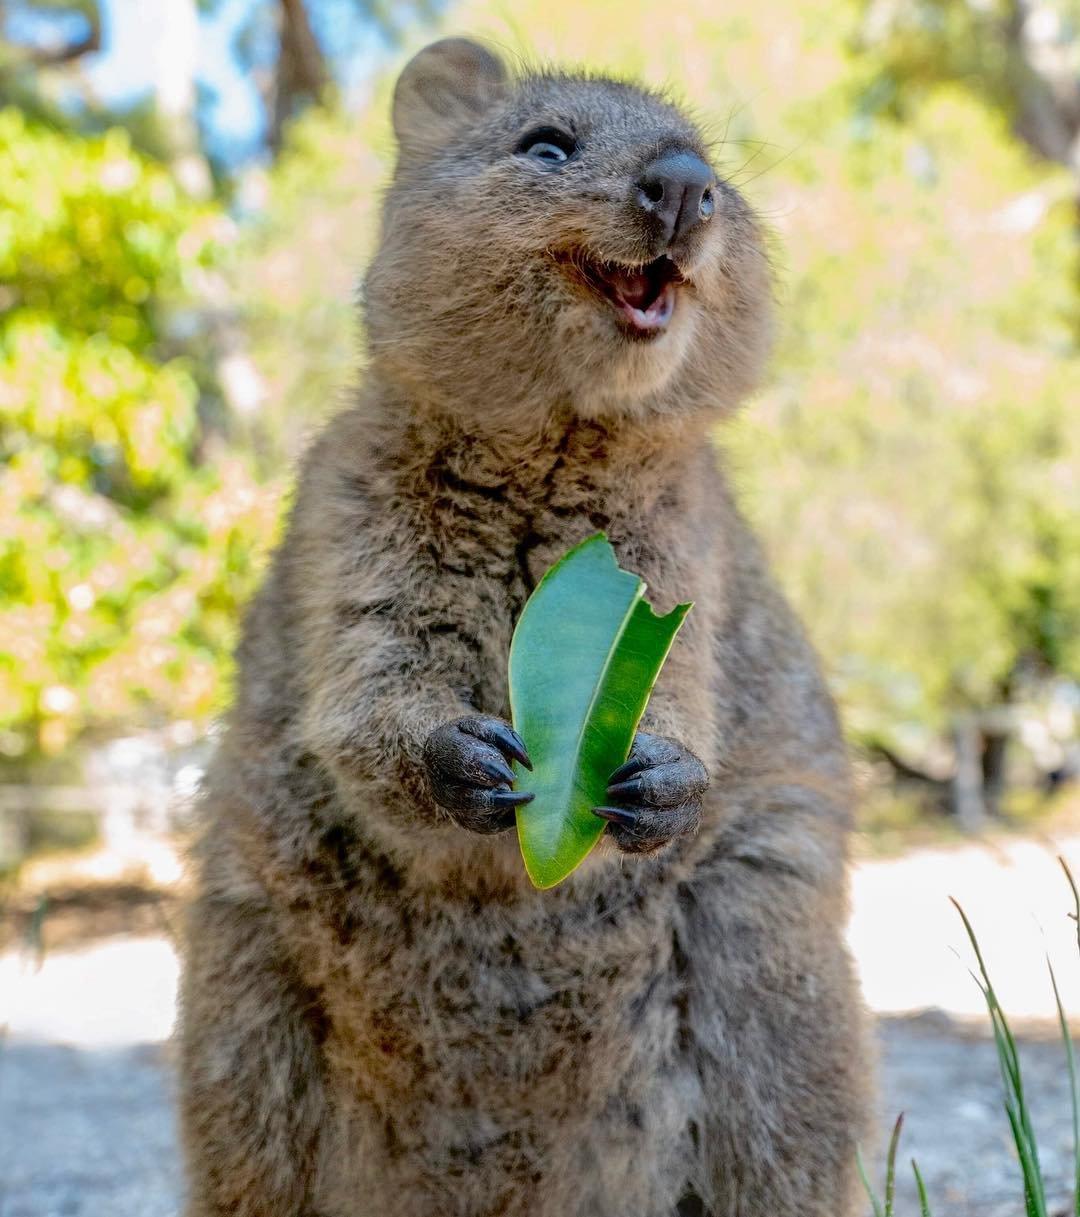 Милые австралийские животные для тех, кто боится змей и пауков